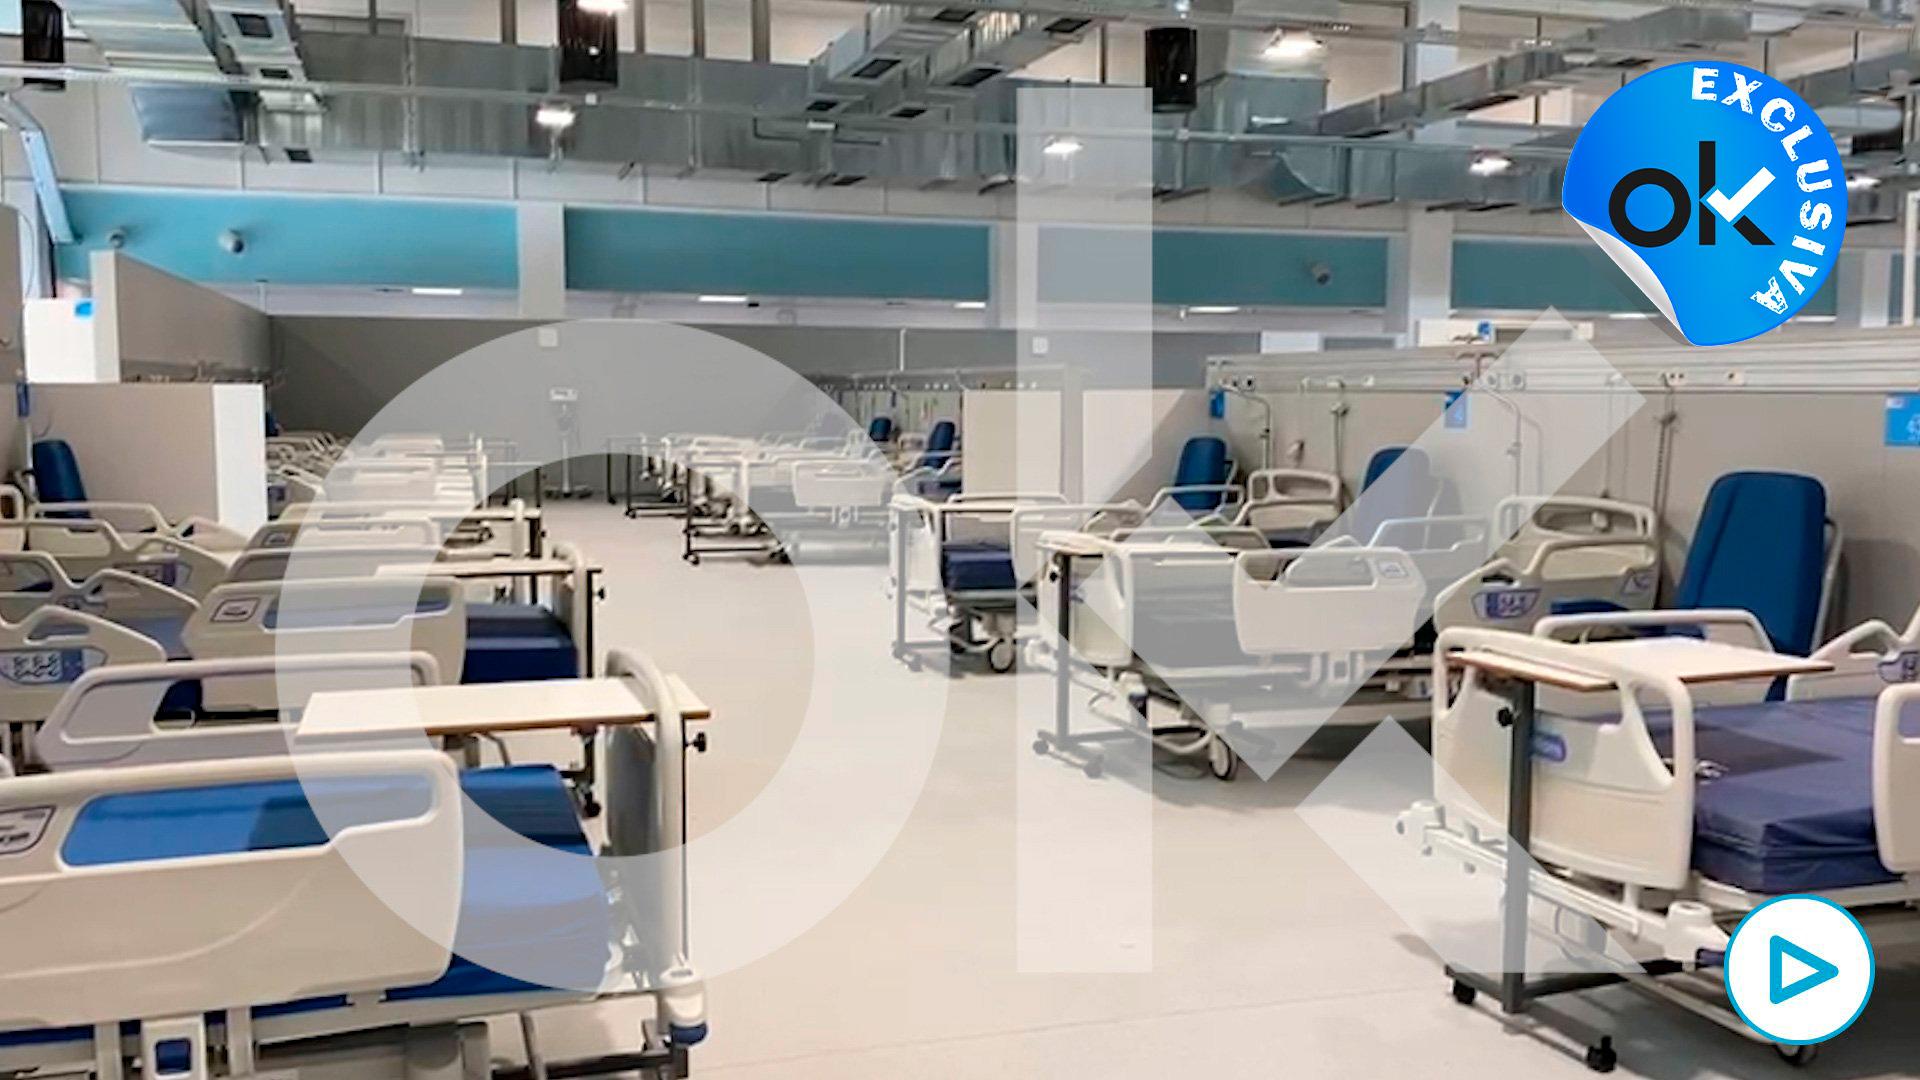 Las 10 claves del hospital de pandemias Isabel Zendal.